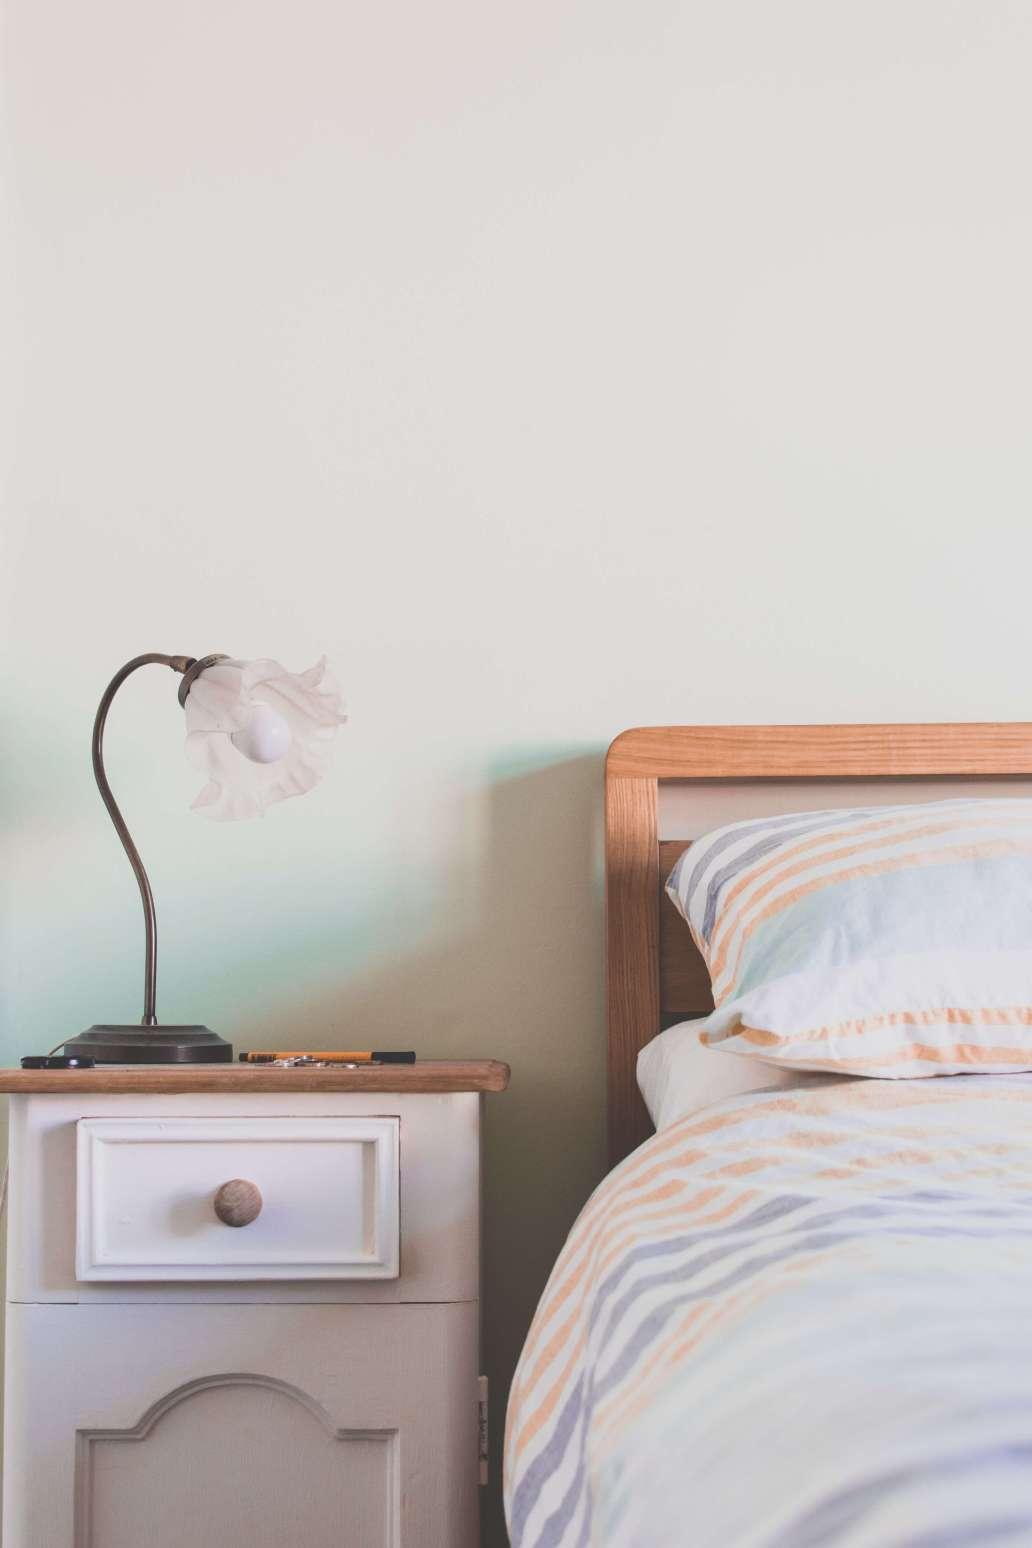 calum lewis h0j H2jyFj4 unsplash 2 1365x2048 - Comment meubler vos chambres d'hôtes ?